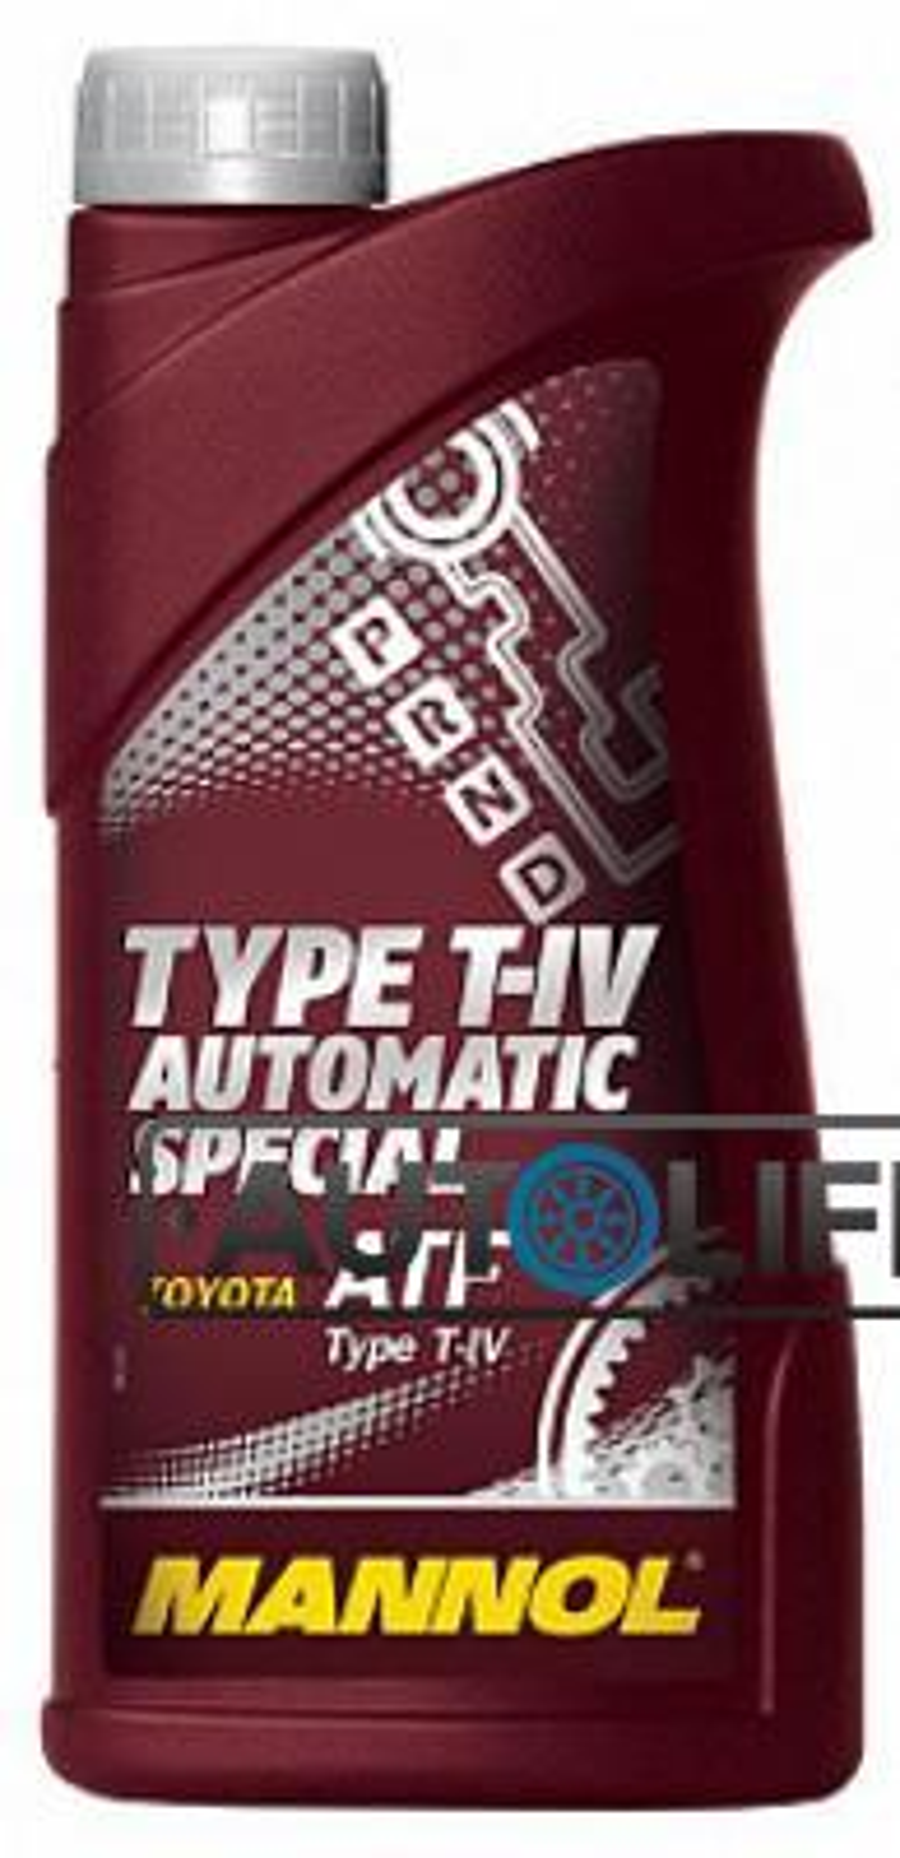 Масло трансмиссионное синтетическое 8208 O,E,M, for Toyota Lexus ATF T-IV, 1л